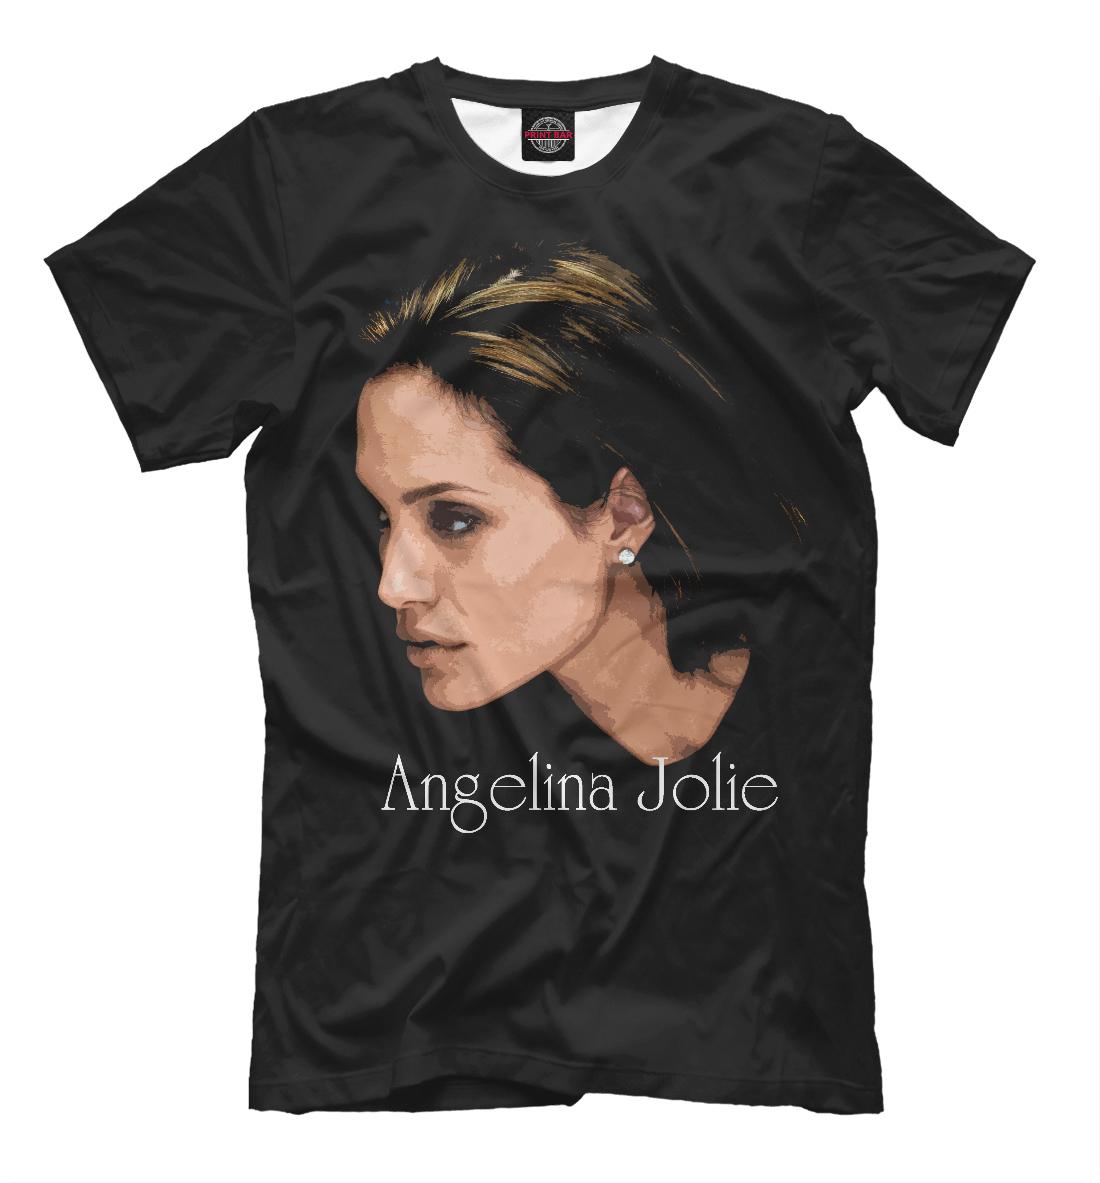 Купить Angelina Jolie, Printbar, Футболки, ANJ-662370-fut-2